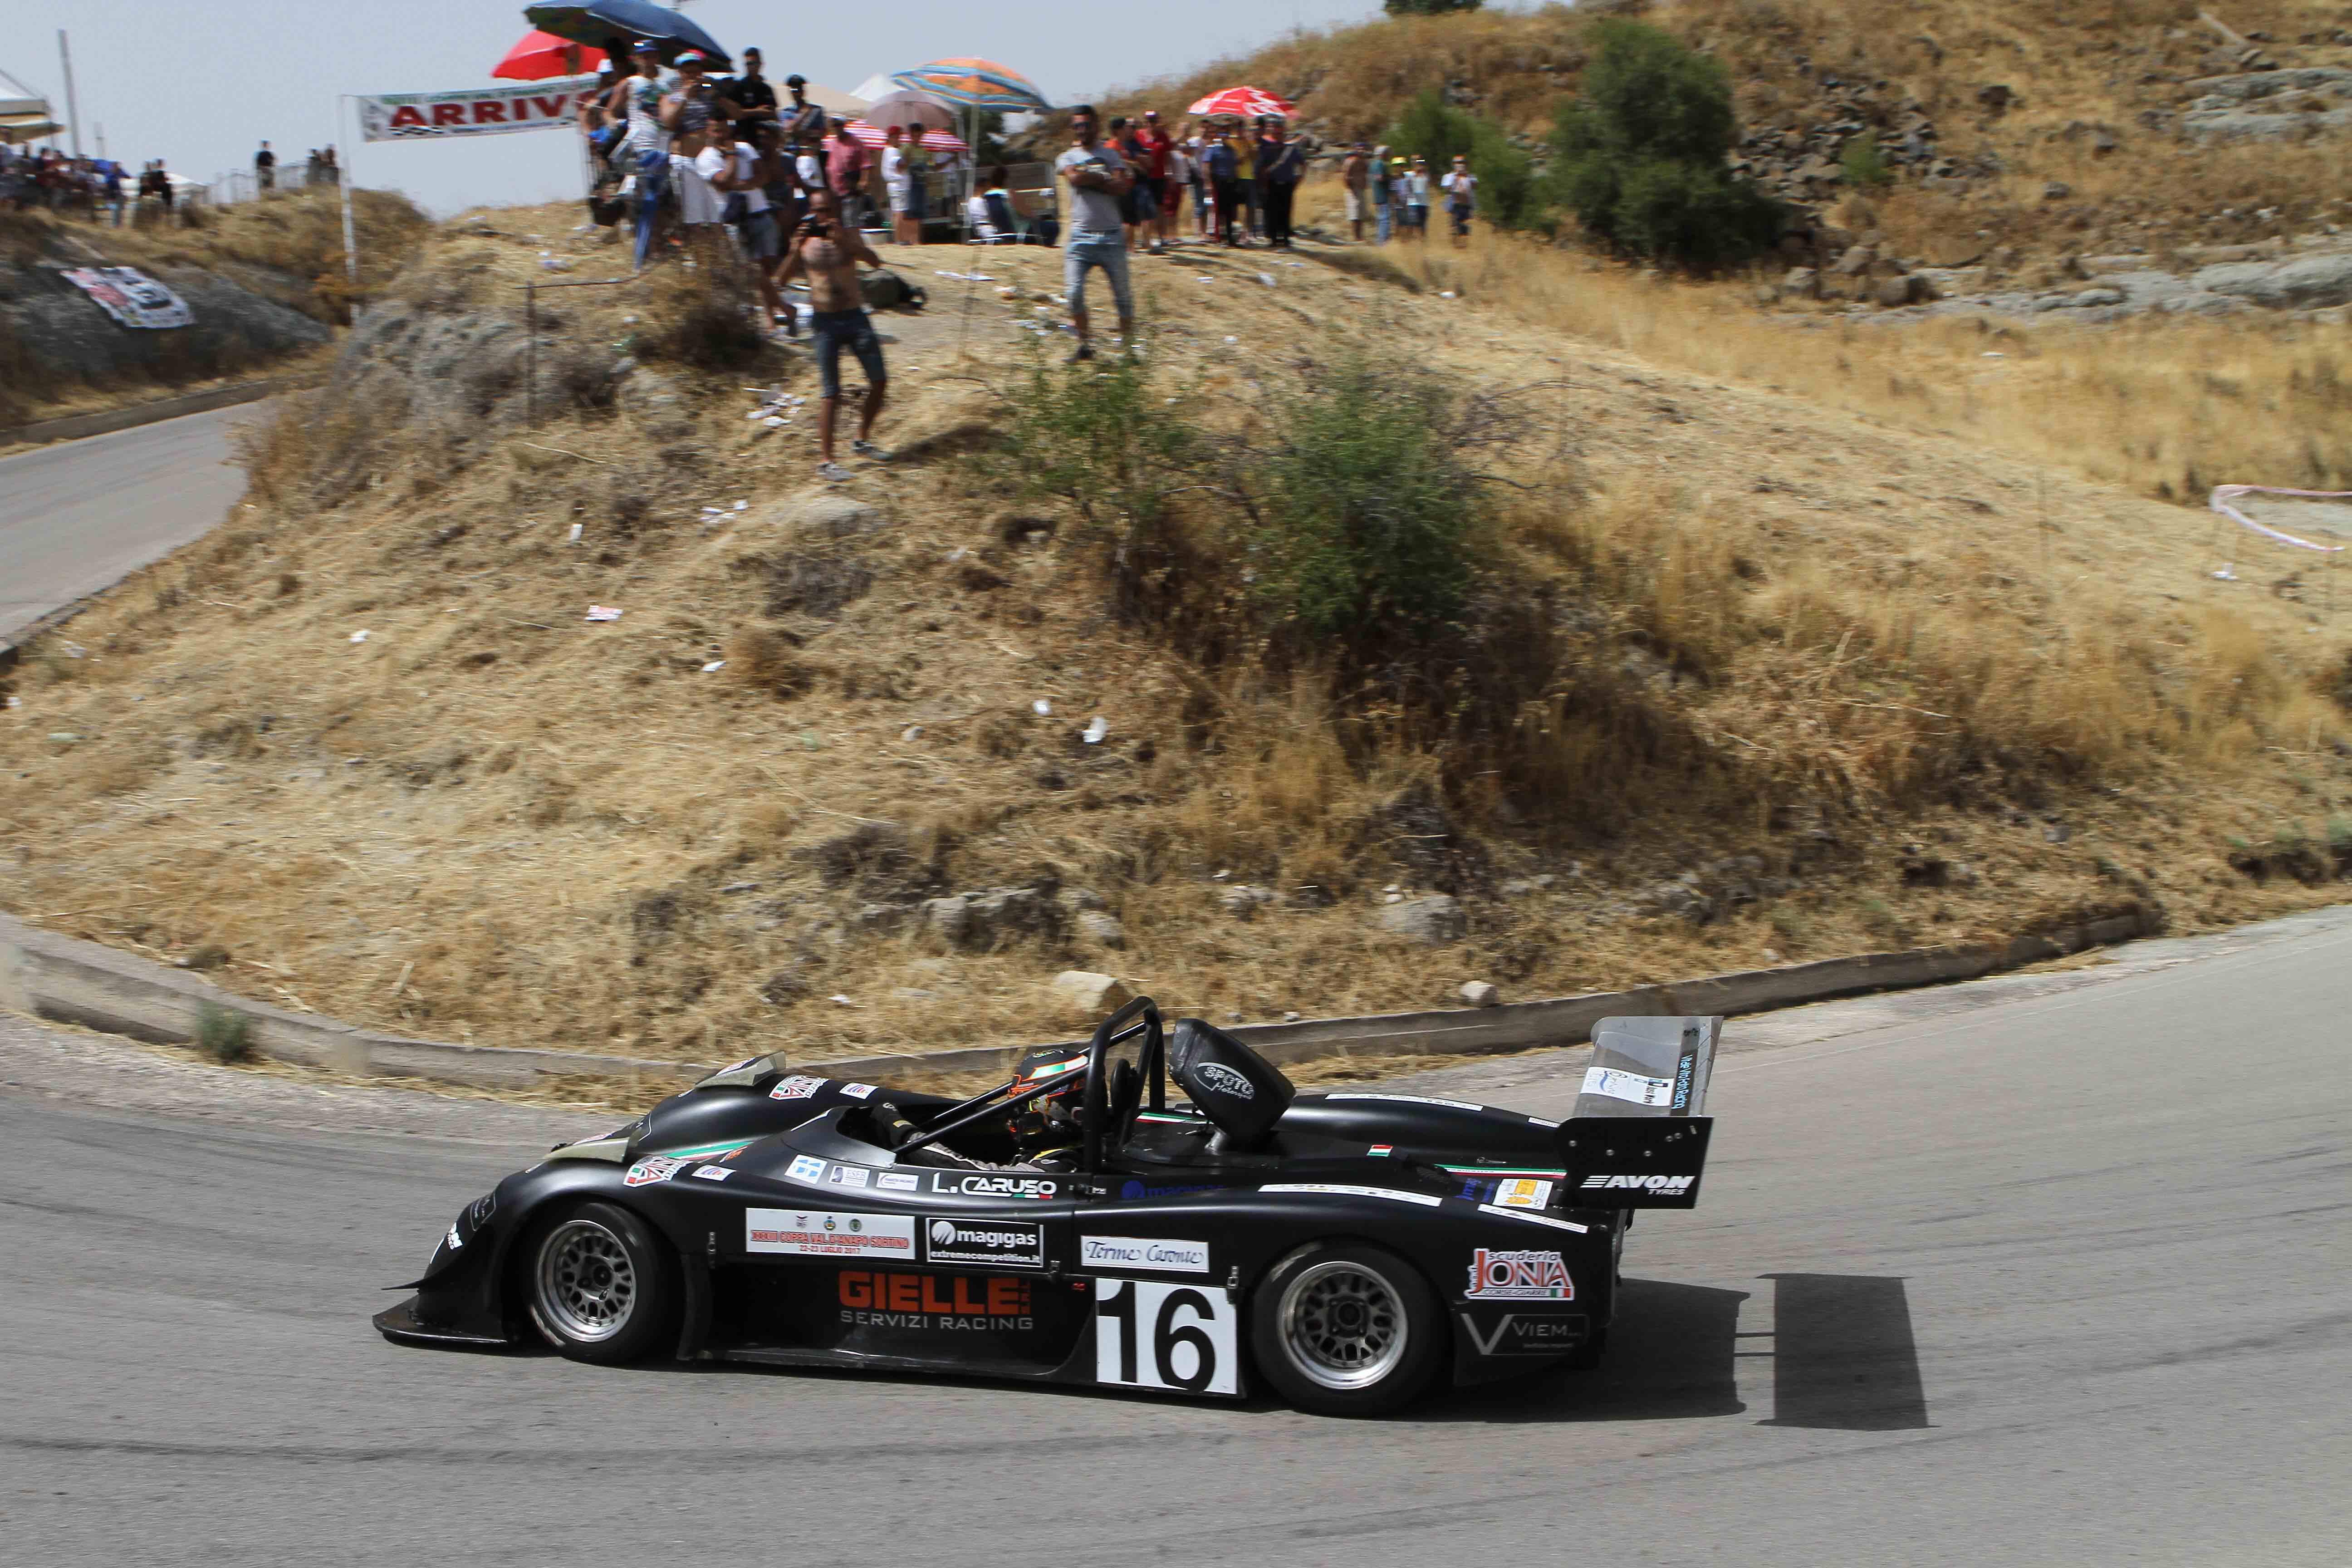 Luca Caruso Radical vincitore